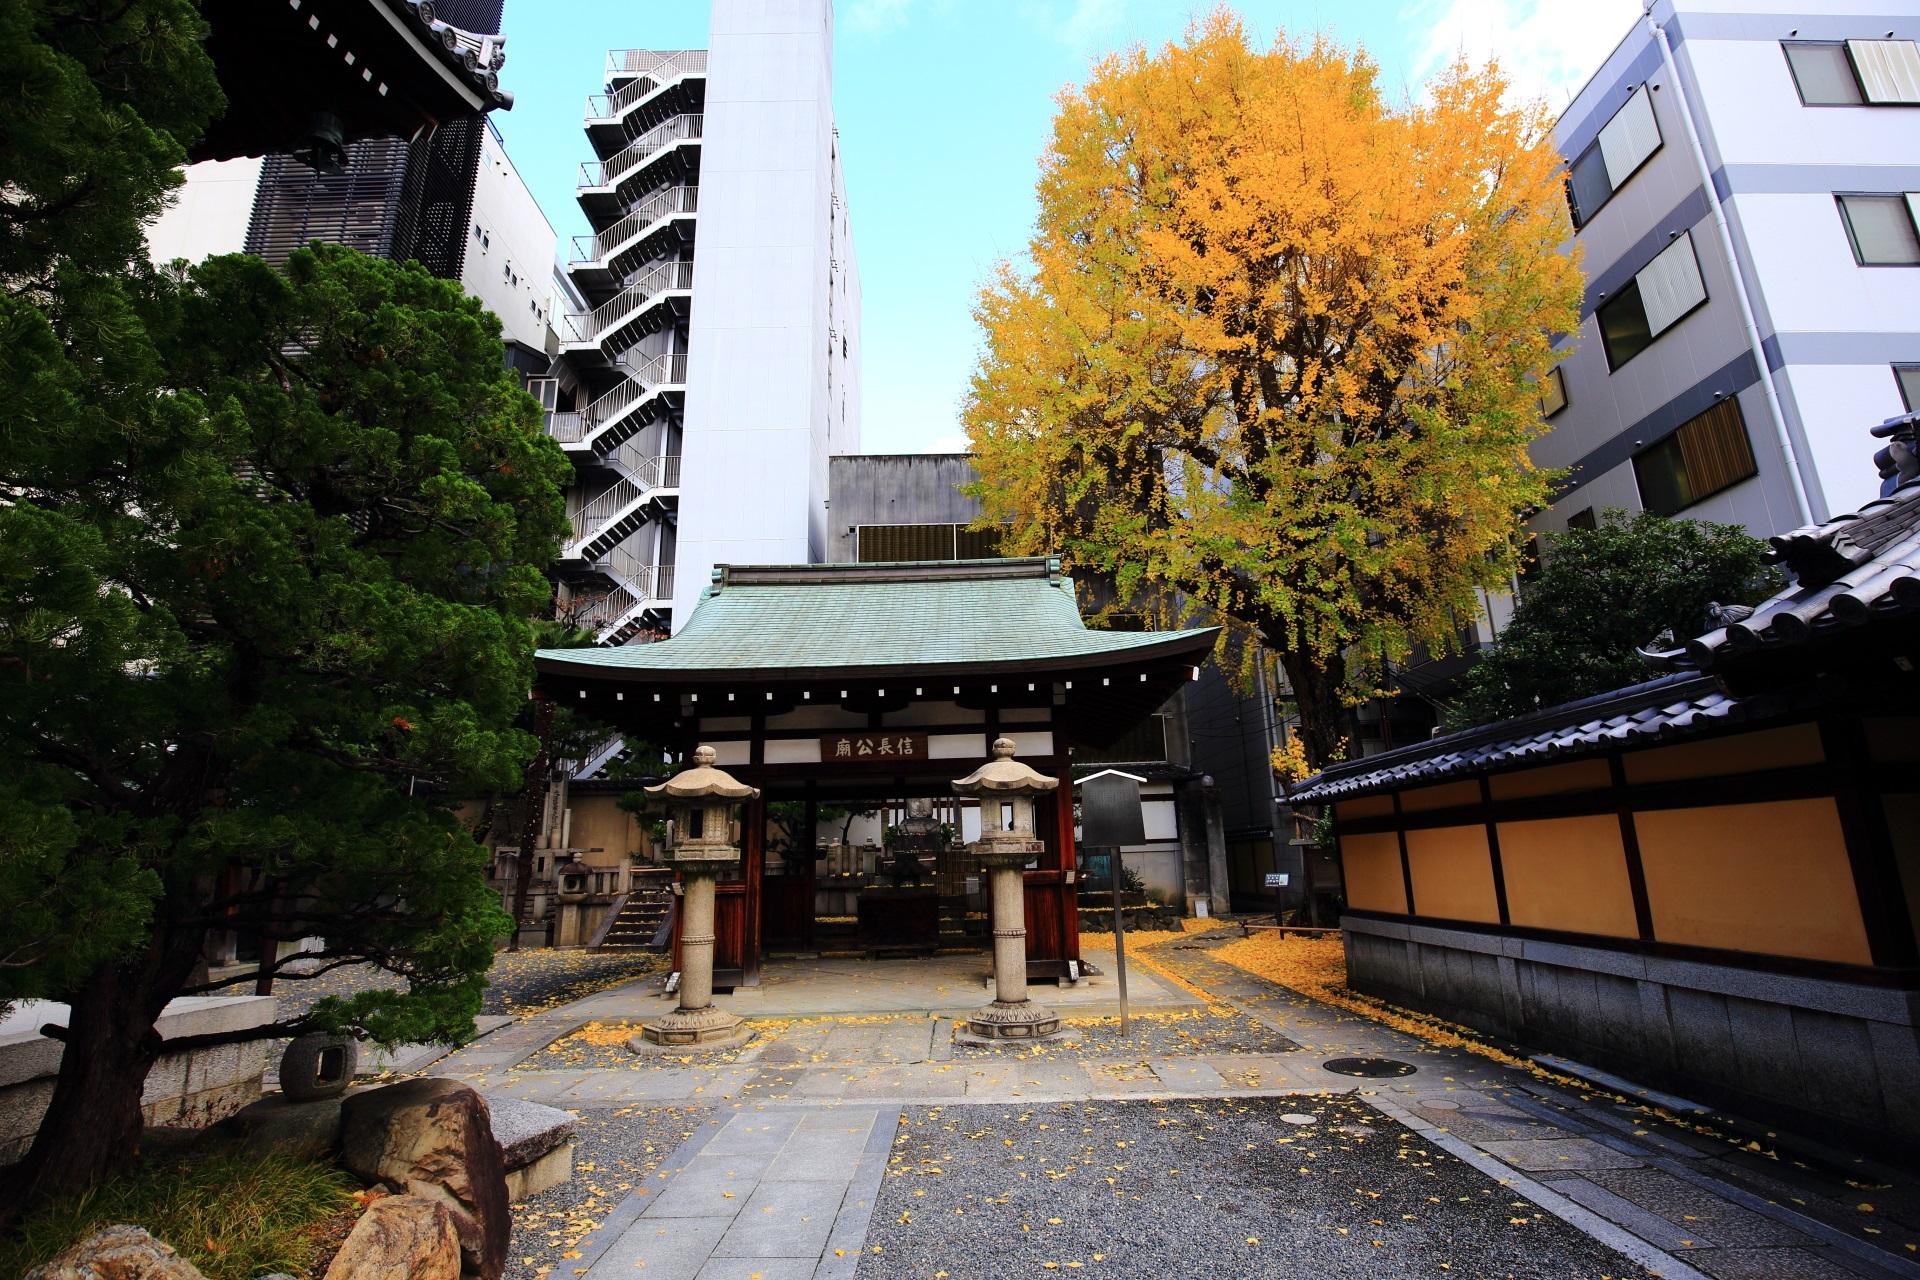 京都大火から人々や寺社を守ったという言い伝えがある大銀杏の「火伏せの銀杏」